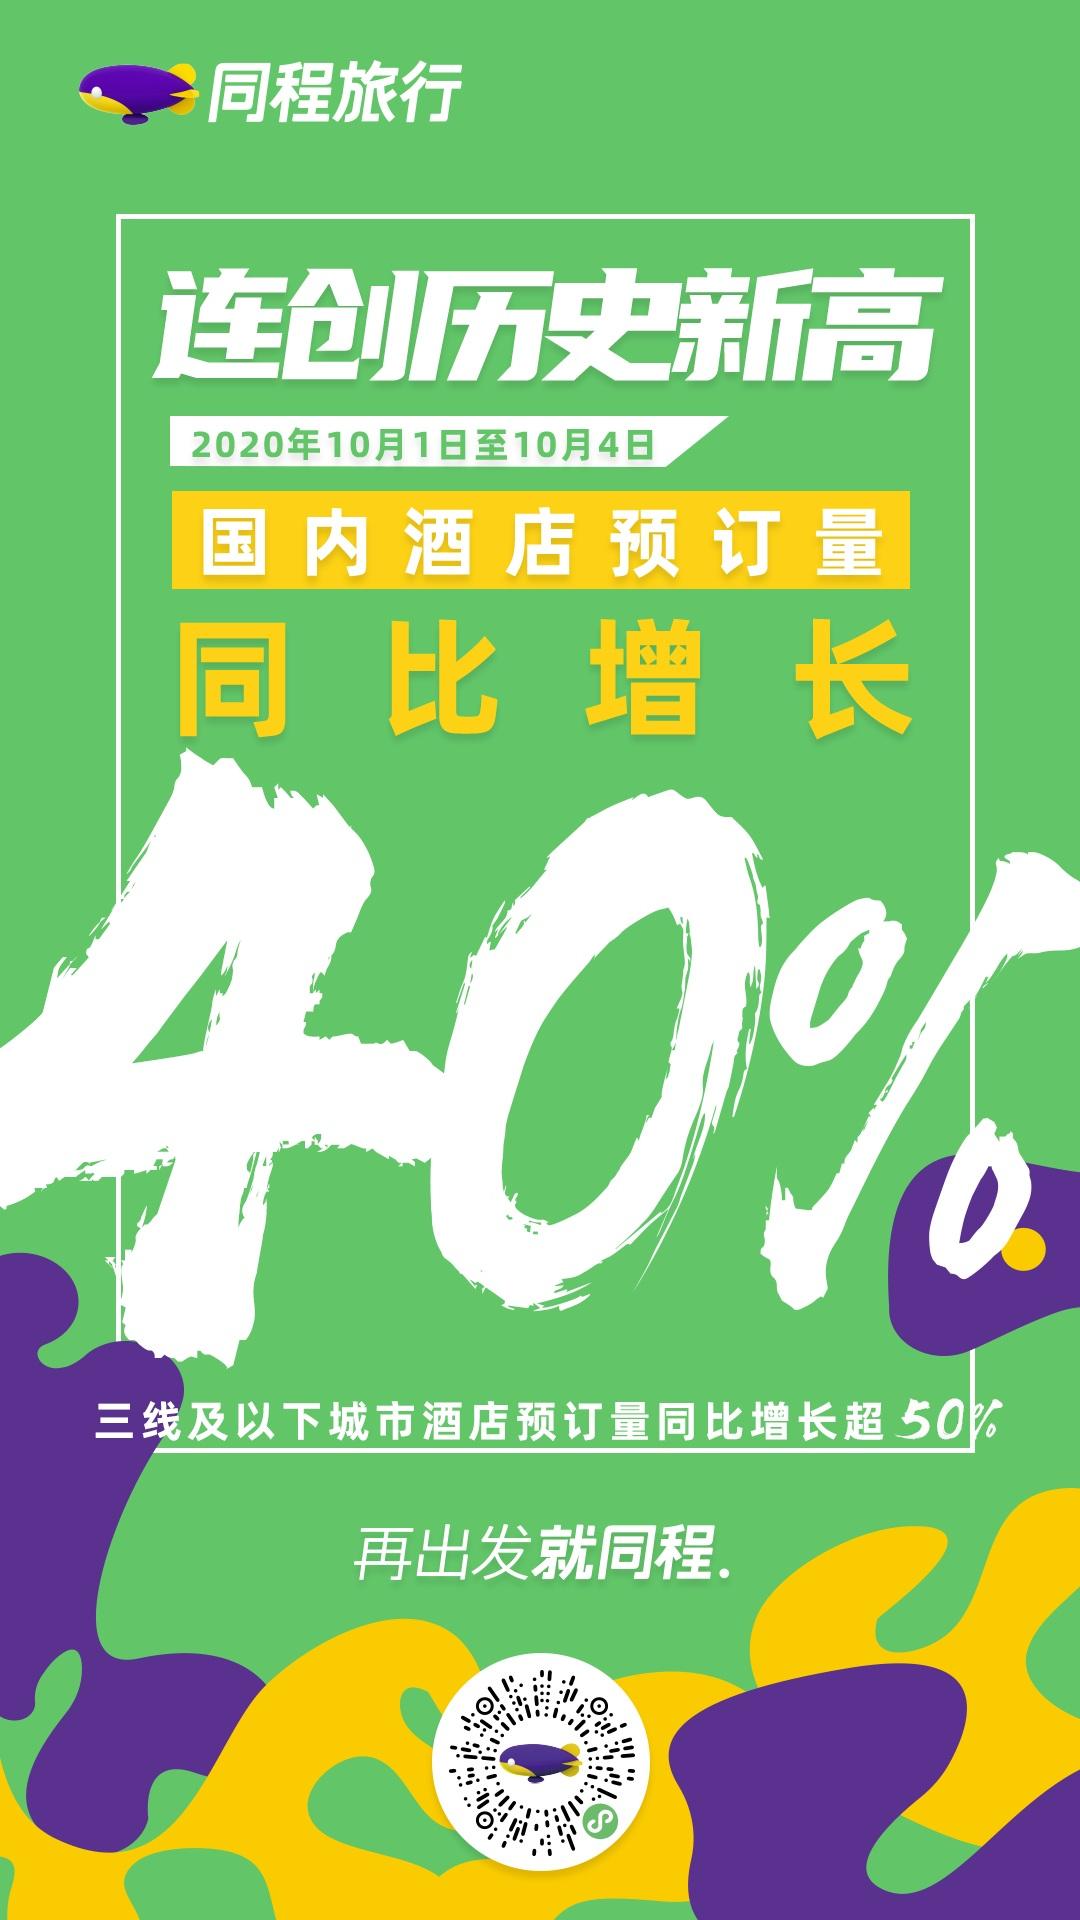 黄金周酒店业复苏 同程艺龙酒店预订量同比增长超40%